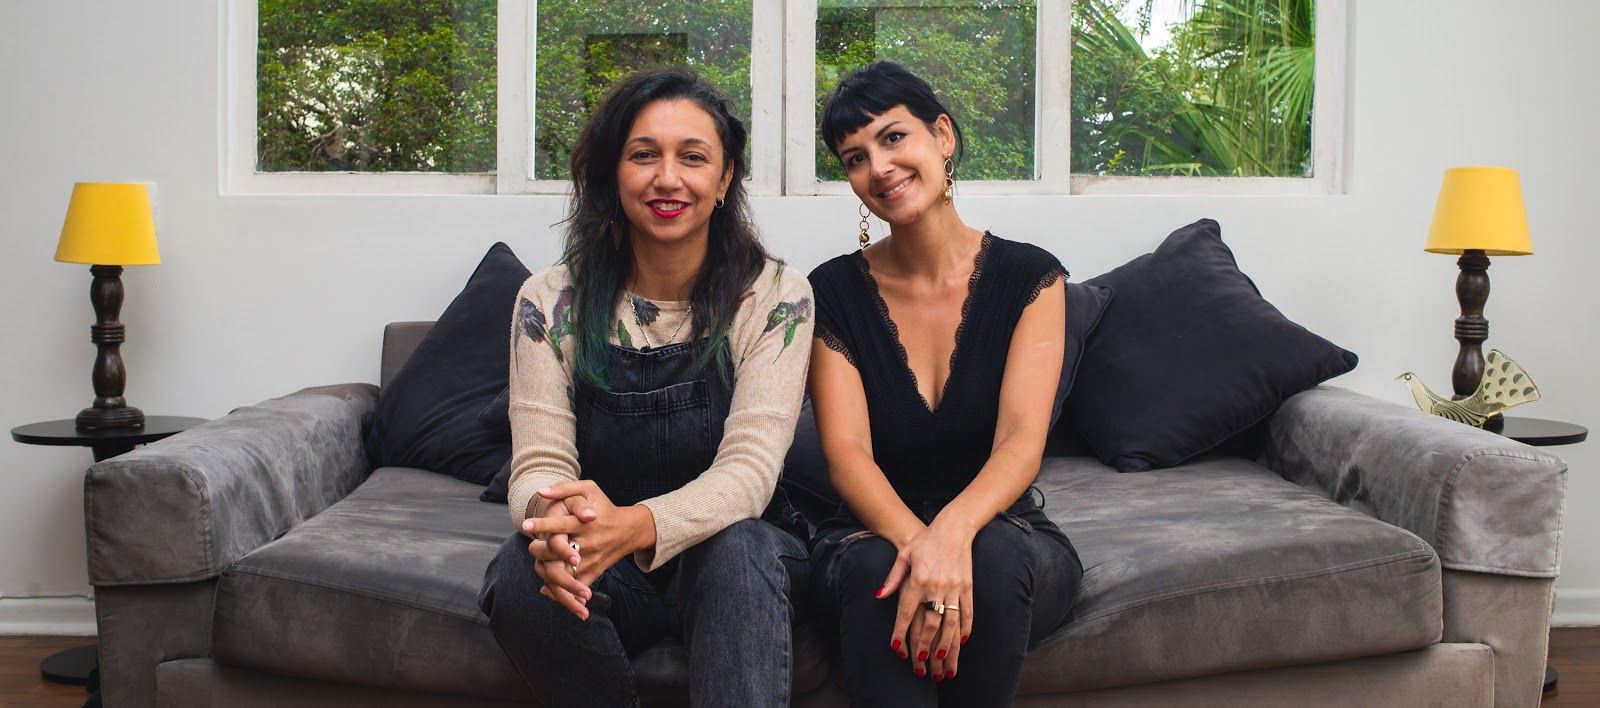 Claudia Assef e Monique Dardenne, criadoras do WME | Foto: Vtao Takayama